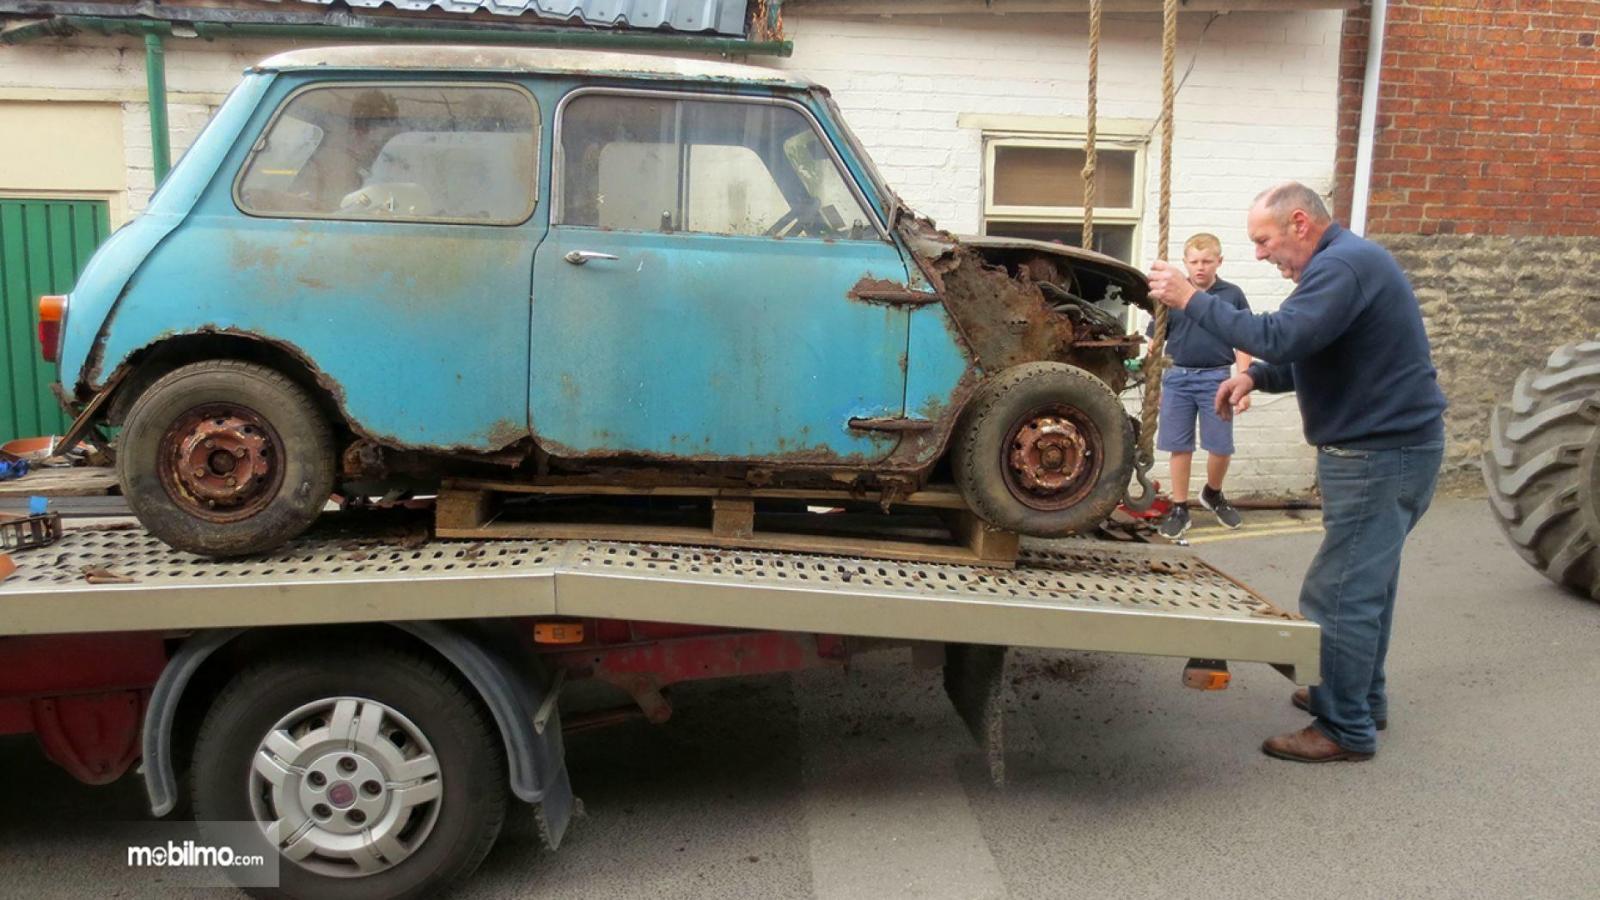 Gambar yang menunjukan melihat Mini Cooper yang rusak